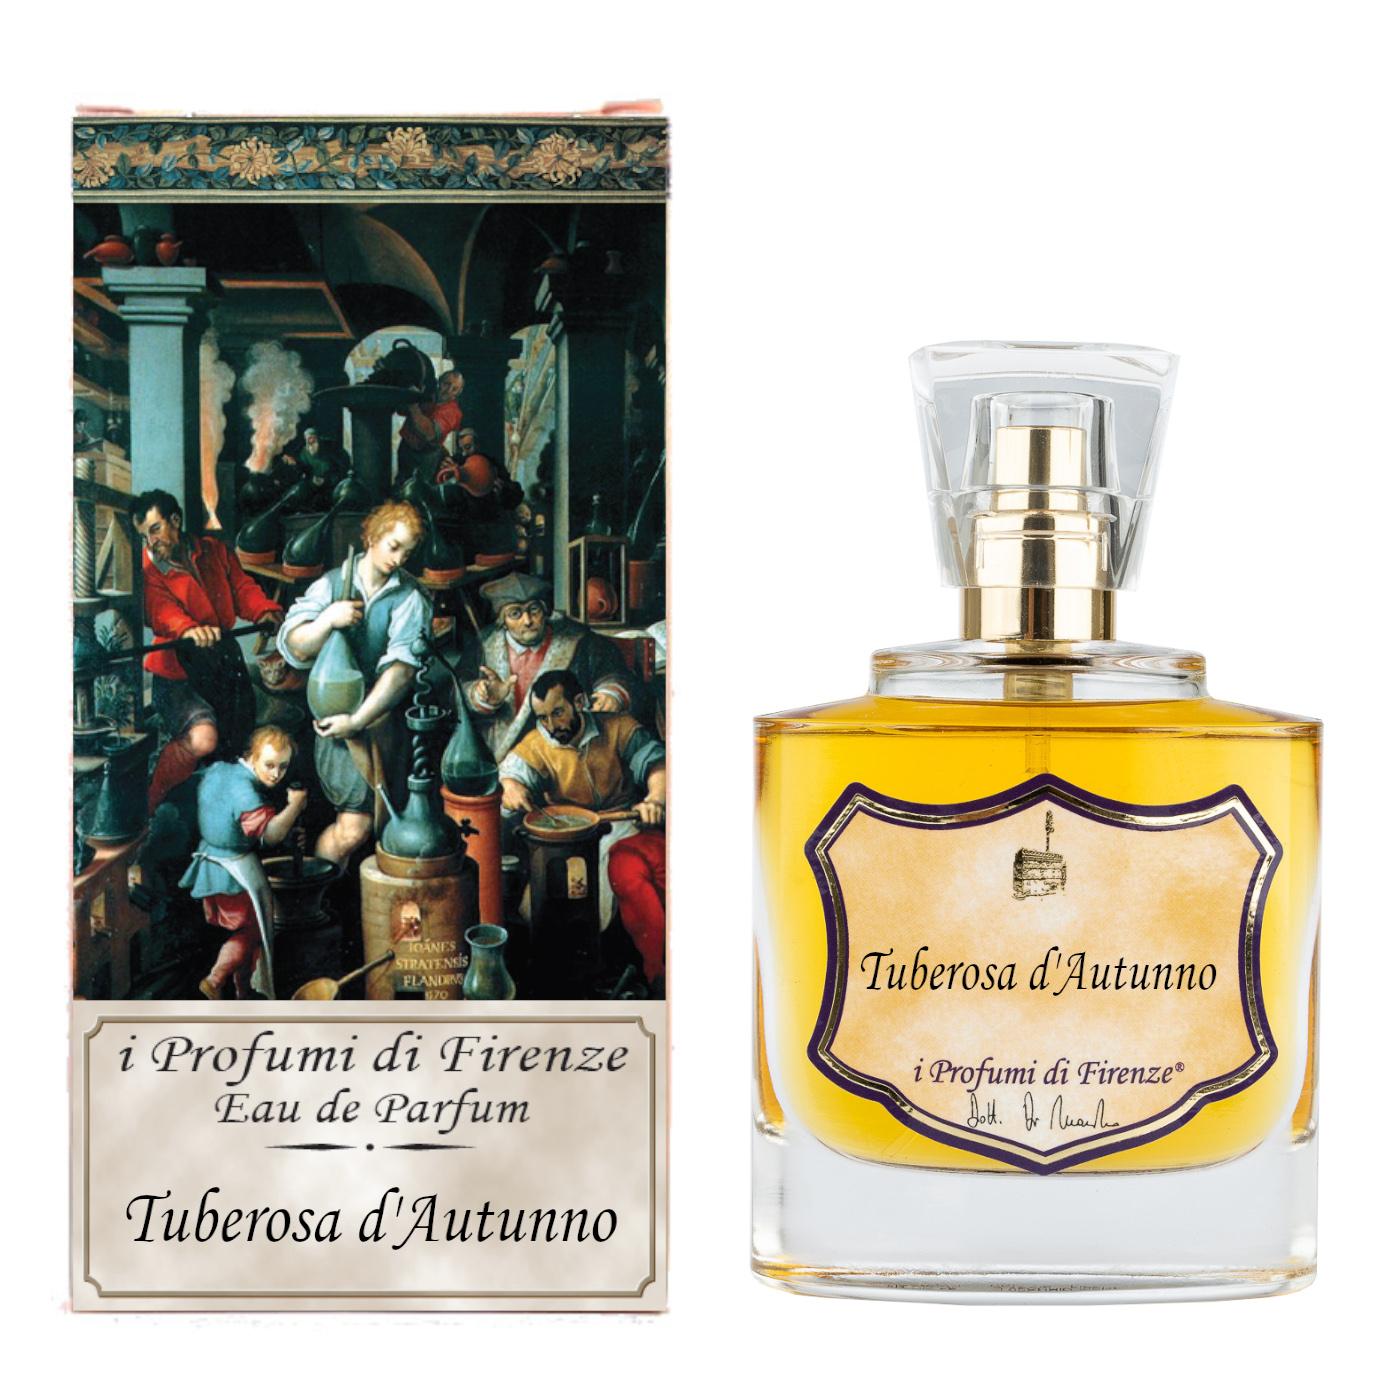 TUBEROSA D'AUTUNNO - Eau de Parfum-4068